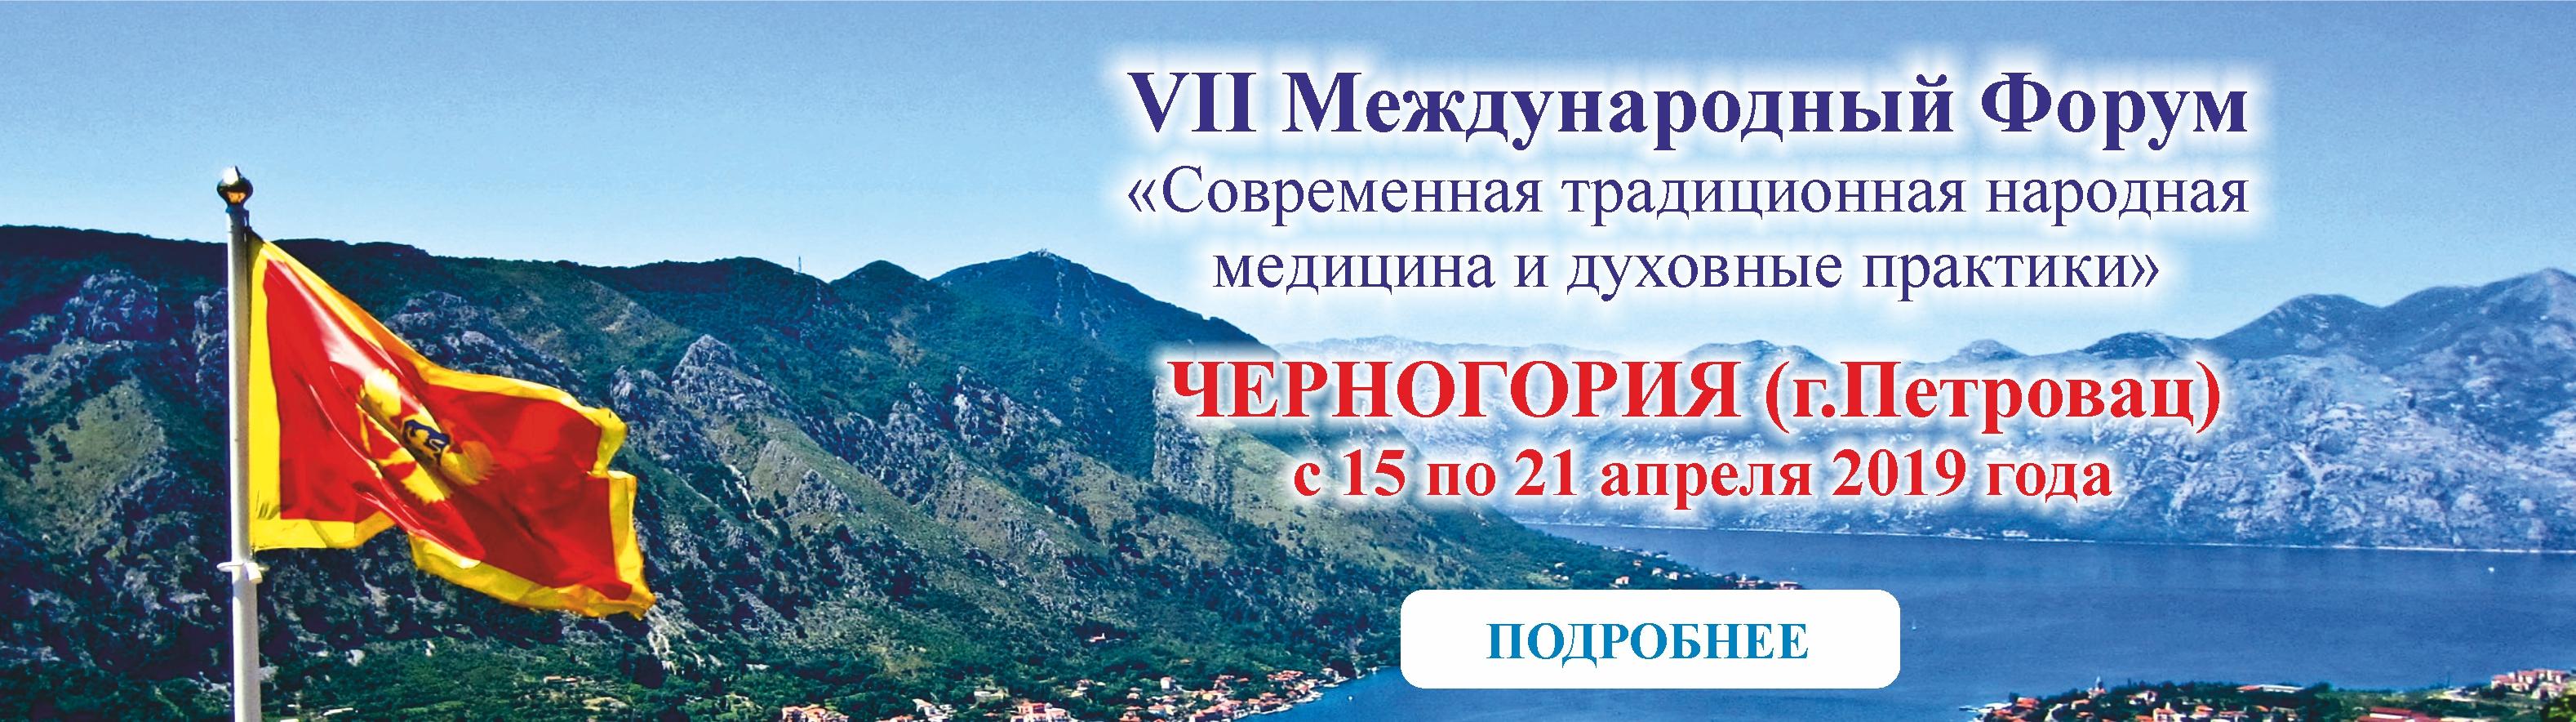 Сайта Черногории - Для Сайта Черногории